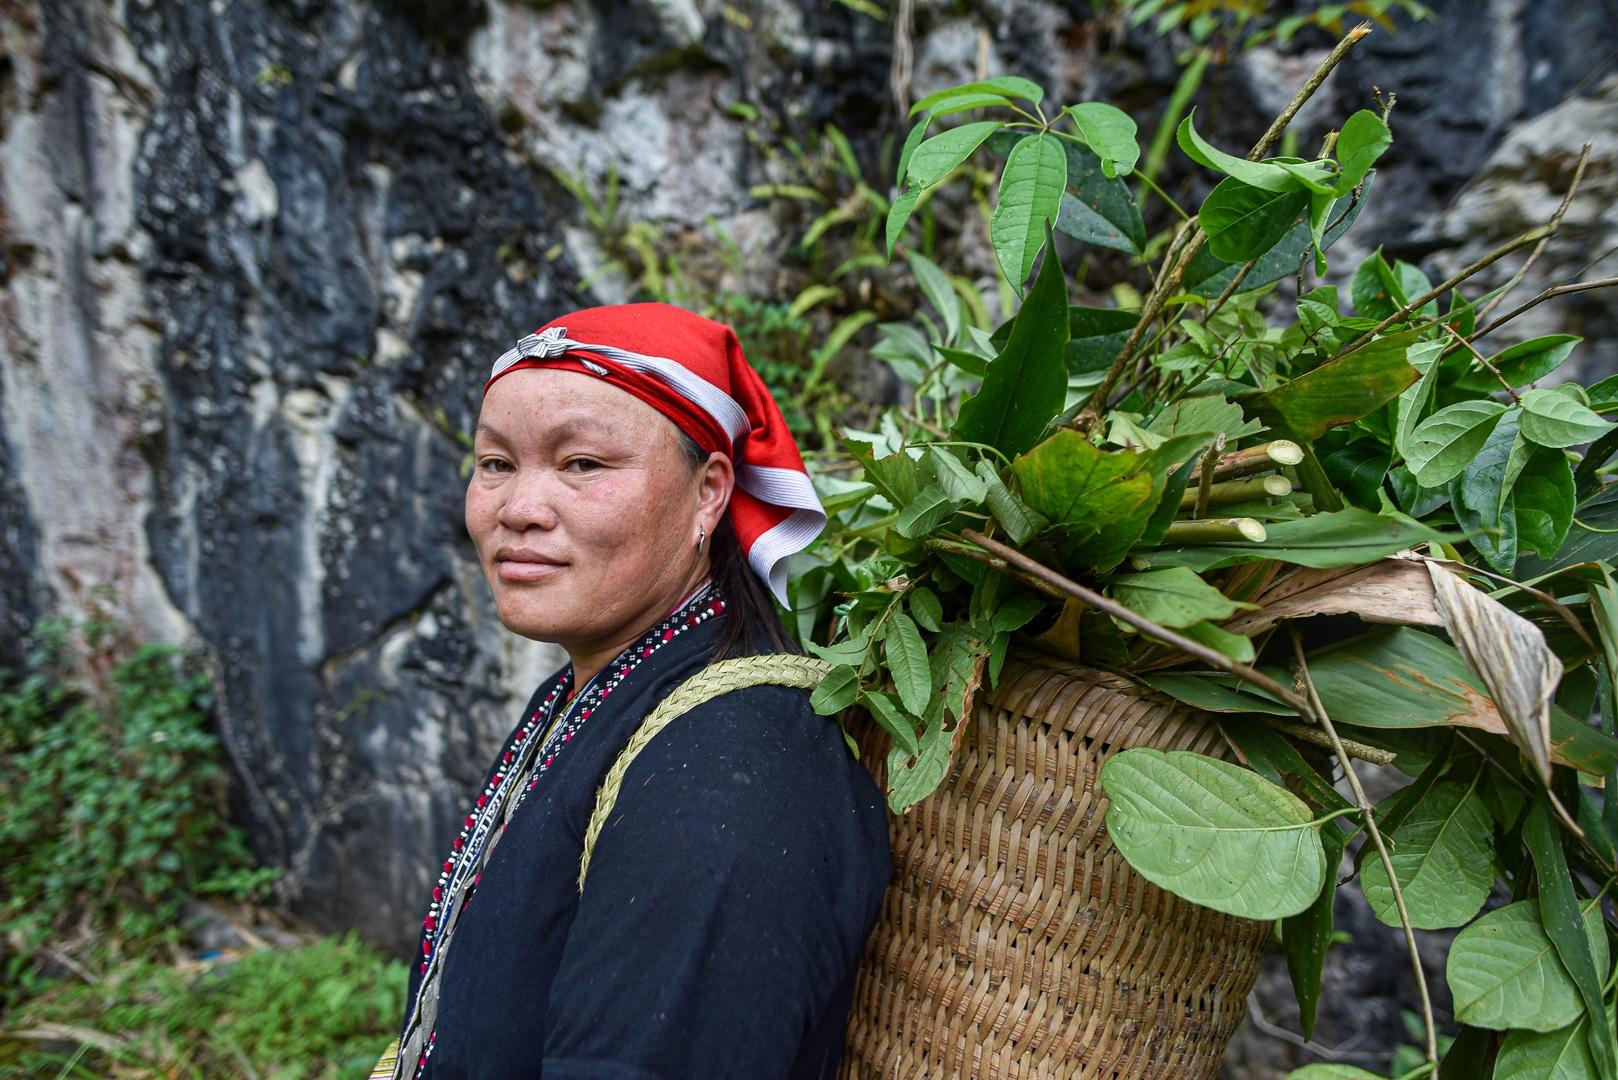 Băng rừng theo người Dao đỏ Sapa đi hái lá thuốc tắm thần dược - 4